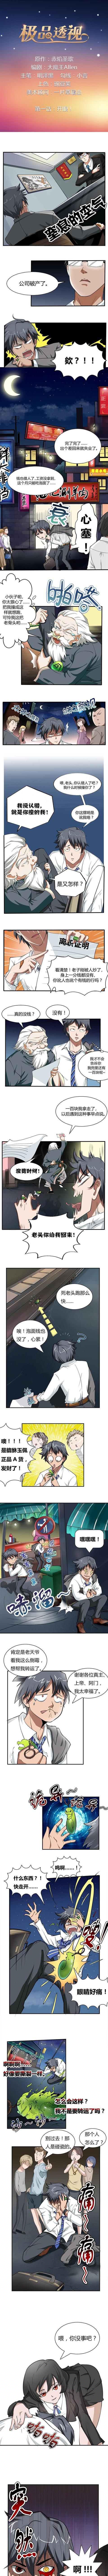 极品透视眼漫画全集,漫画:落魄小伙,因祸得福,得了透视眼